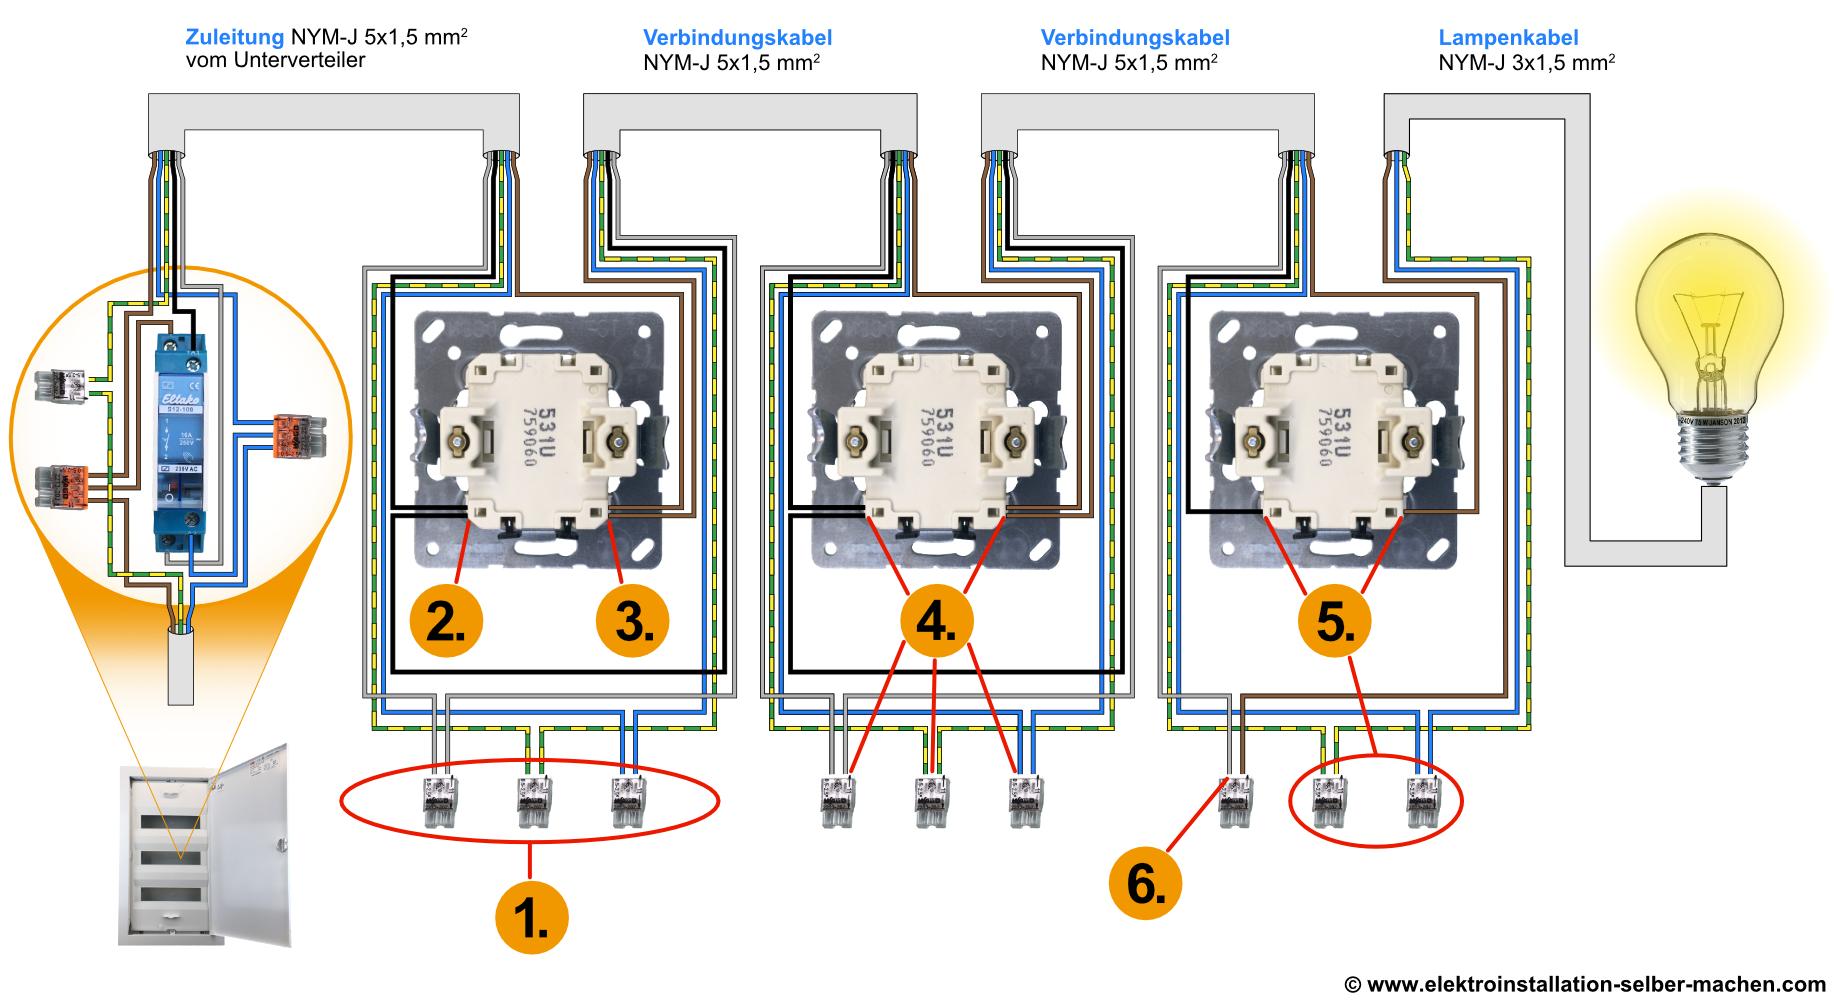 Tasterschaltung, Stromstoßrelais, Tasterschaltung anschließen, Eltako verdrahten, Elektroinstallation, Ratgeber